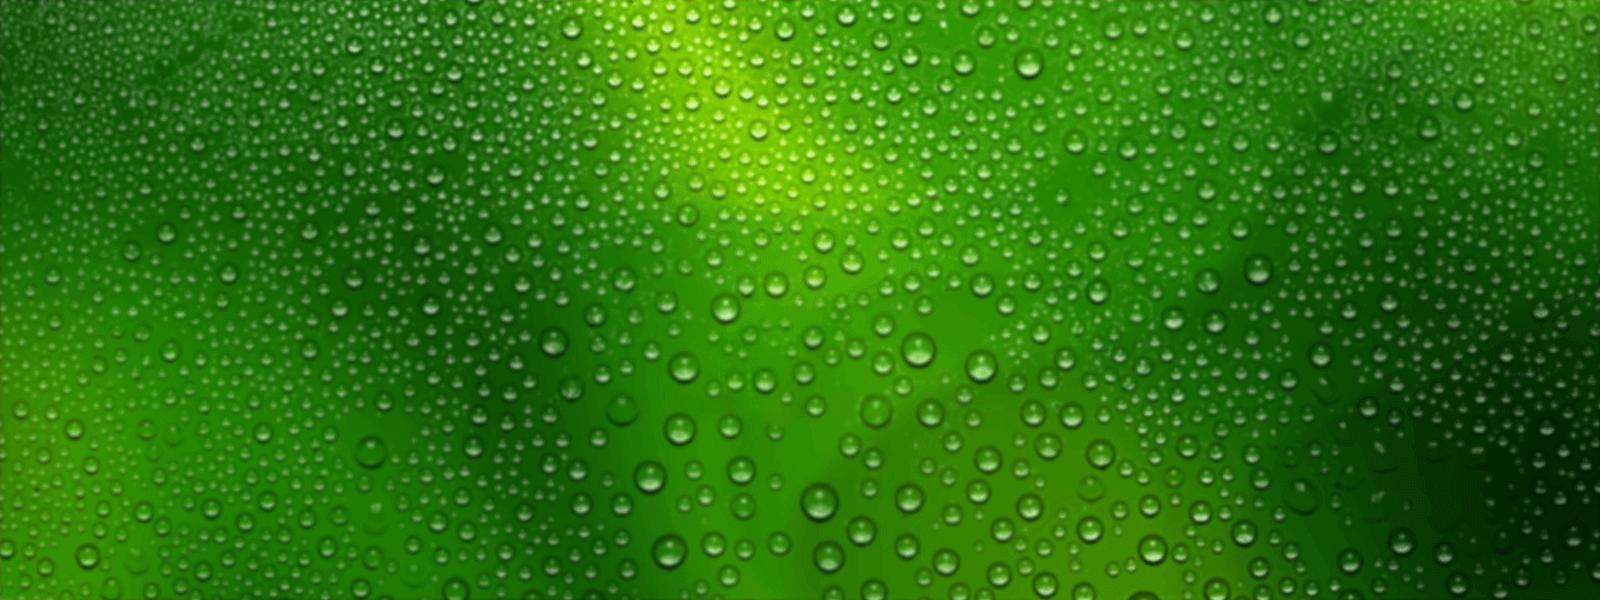 لایه هفتم اسلاید گرین ورلد، هویت بصری گرین ورلد، طراحی لوگو، طراحی لوگوتایپ، شرکت تبلیغاتی الف، طراحی هویت بصری